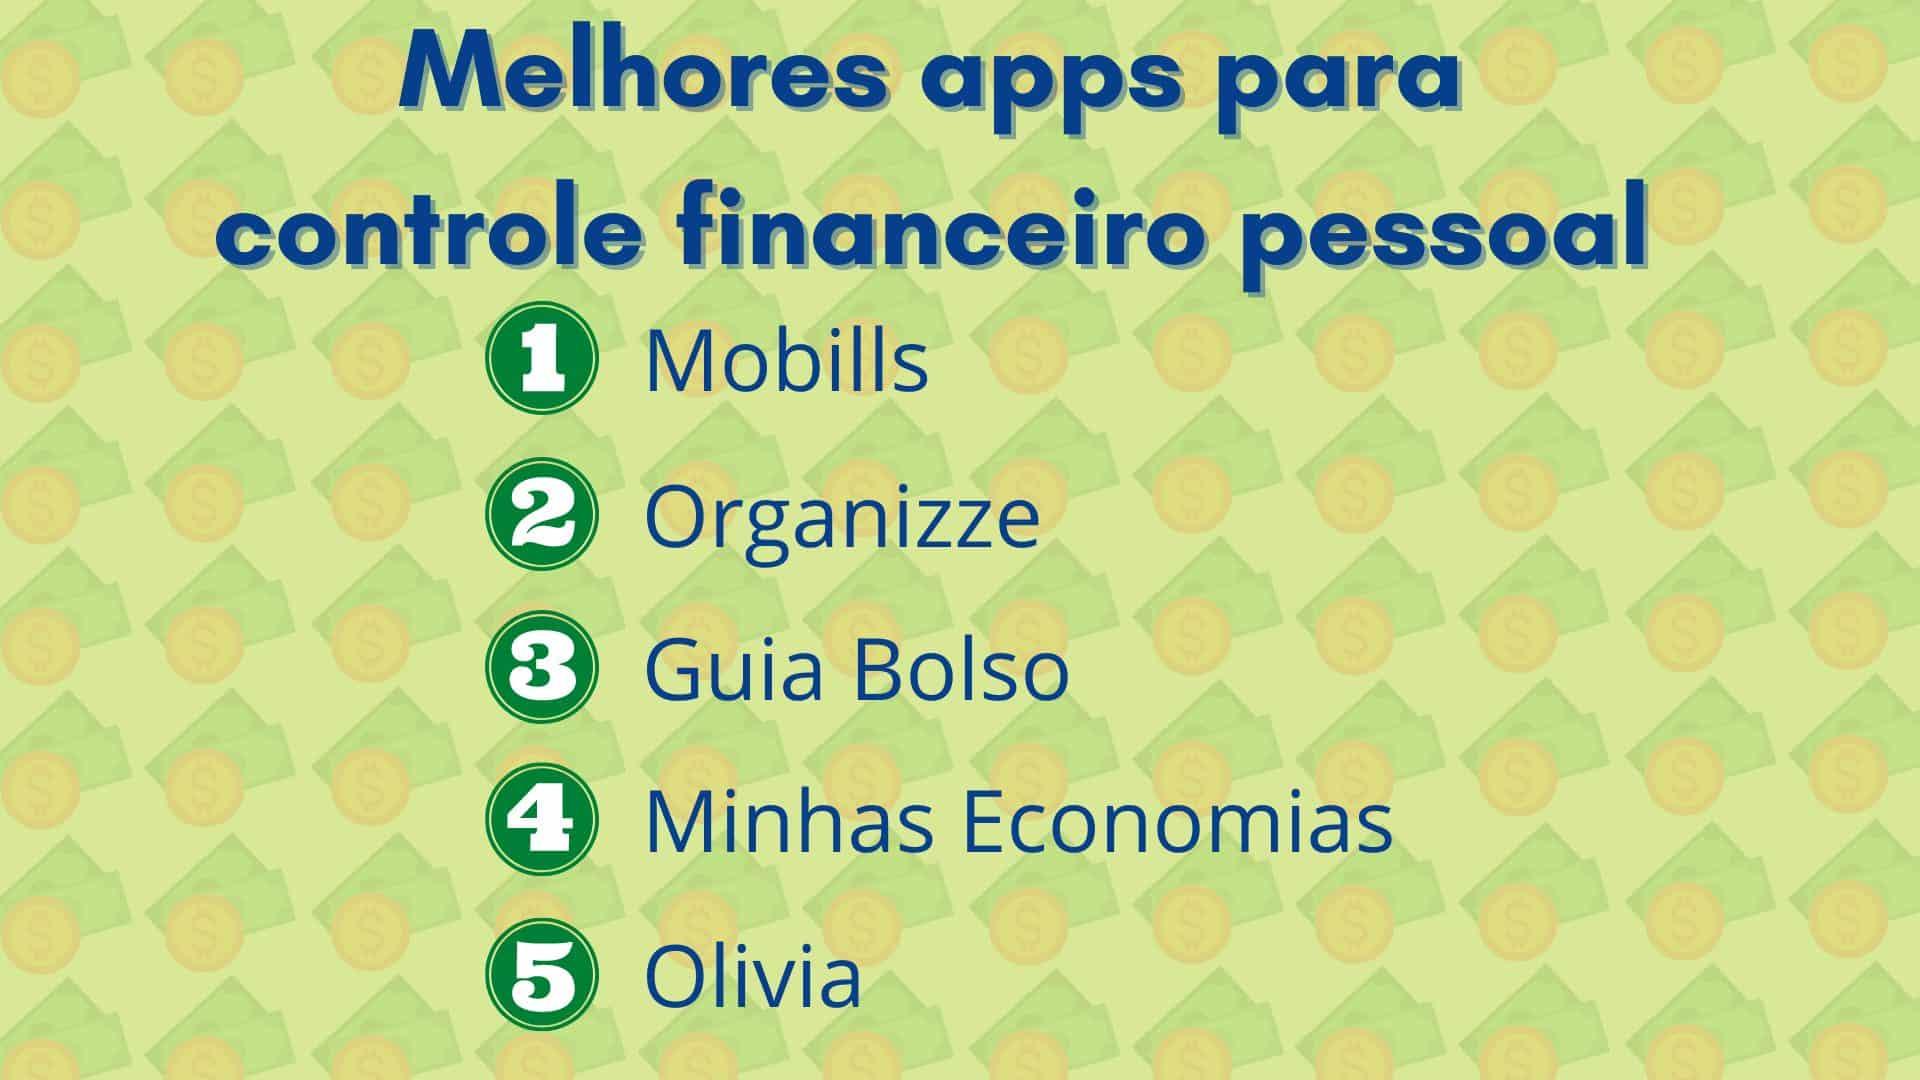 5 melhores apps para controle financeiro pessoal: Mobills, Organizze, Guia Bolso, Minhas Economias e Olivia